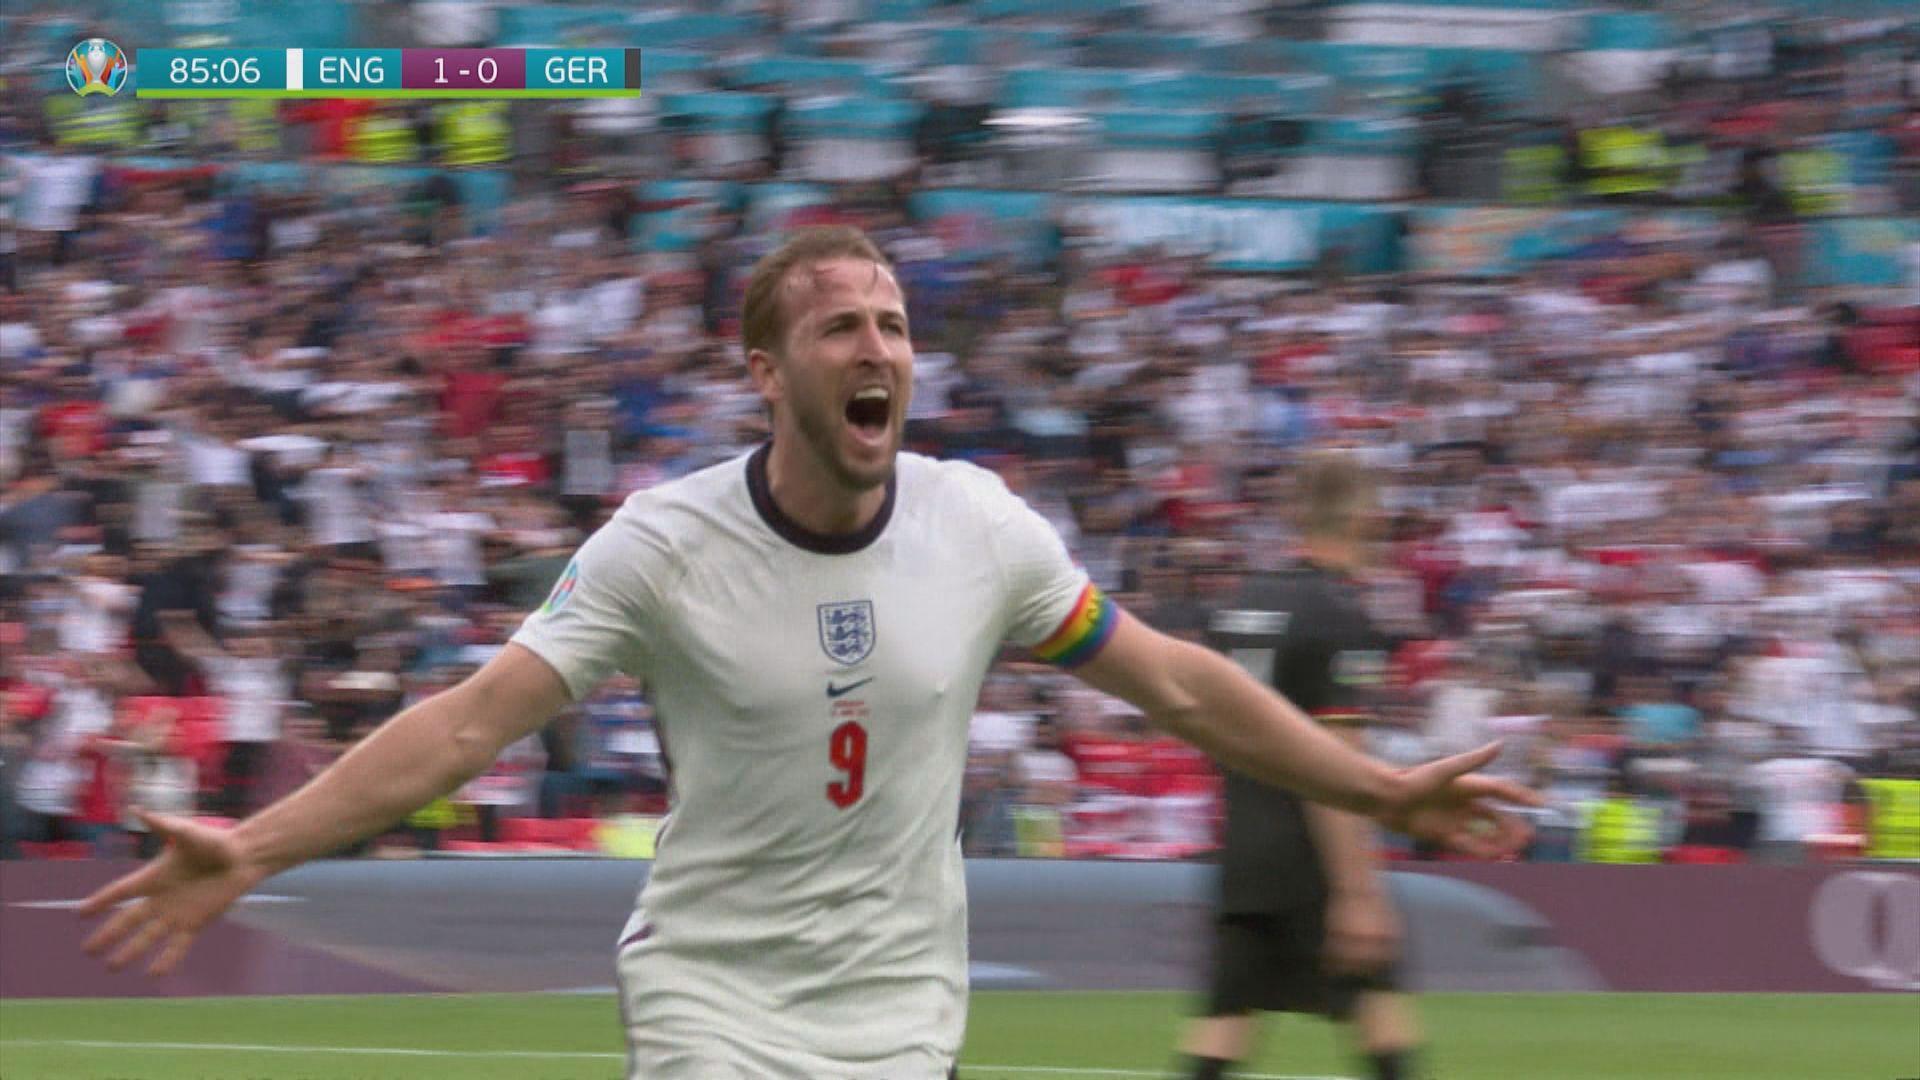 歐國盃 英格蘭2:0德國